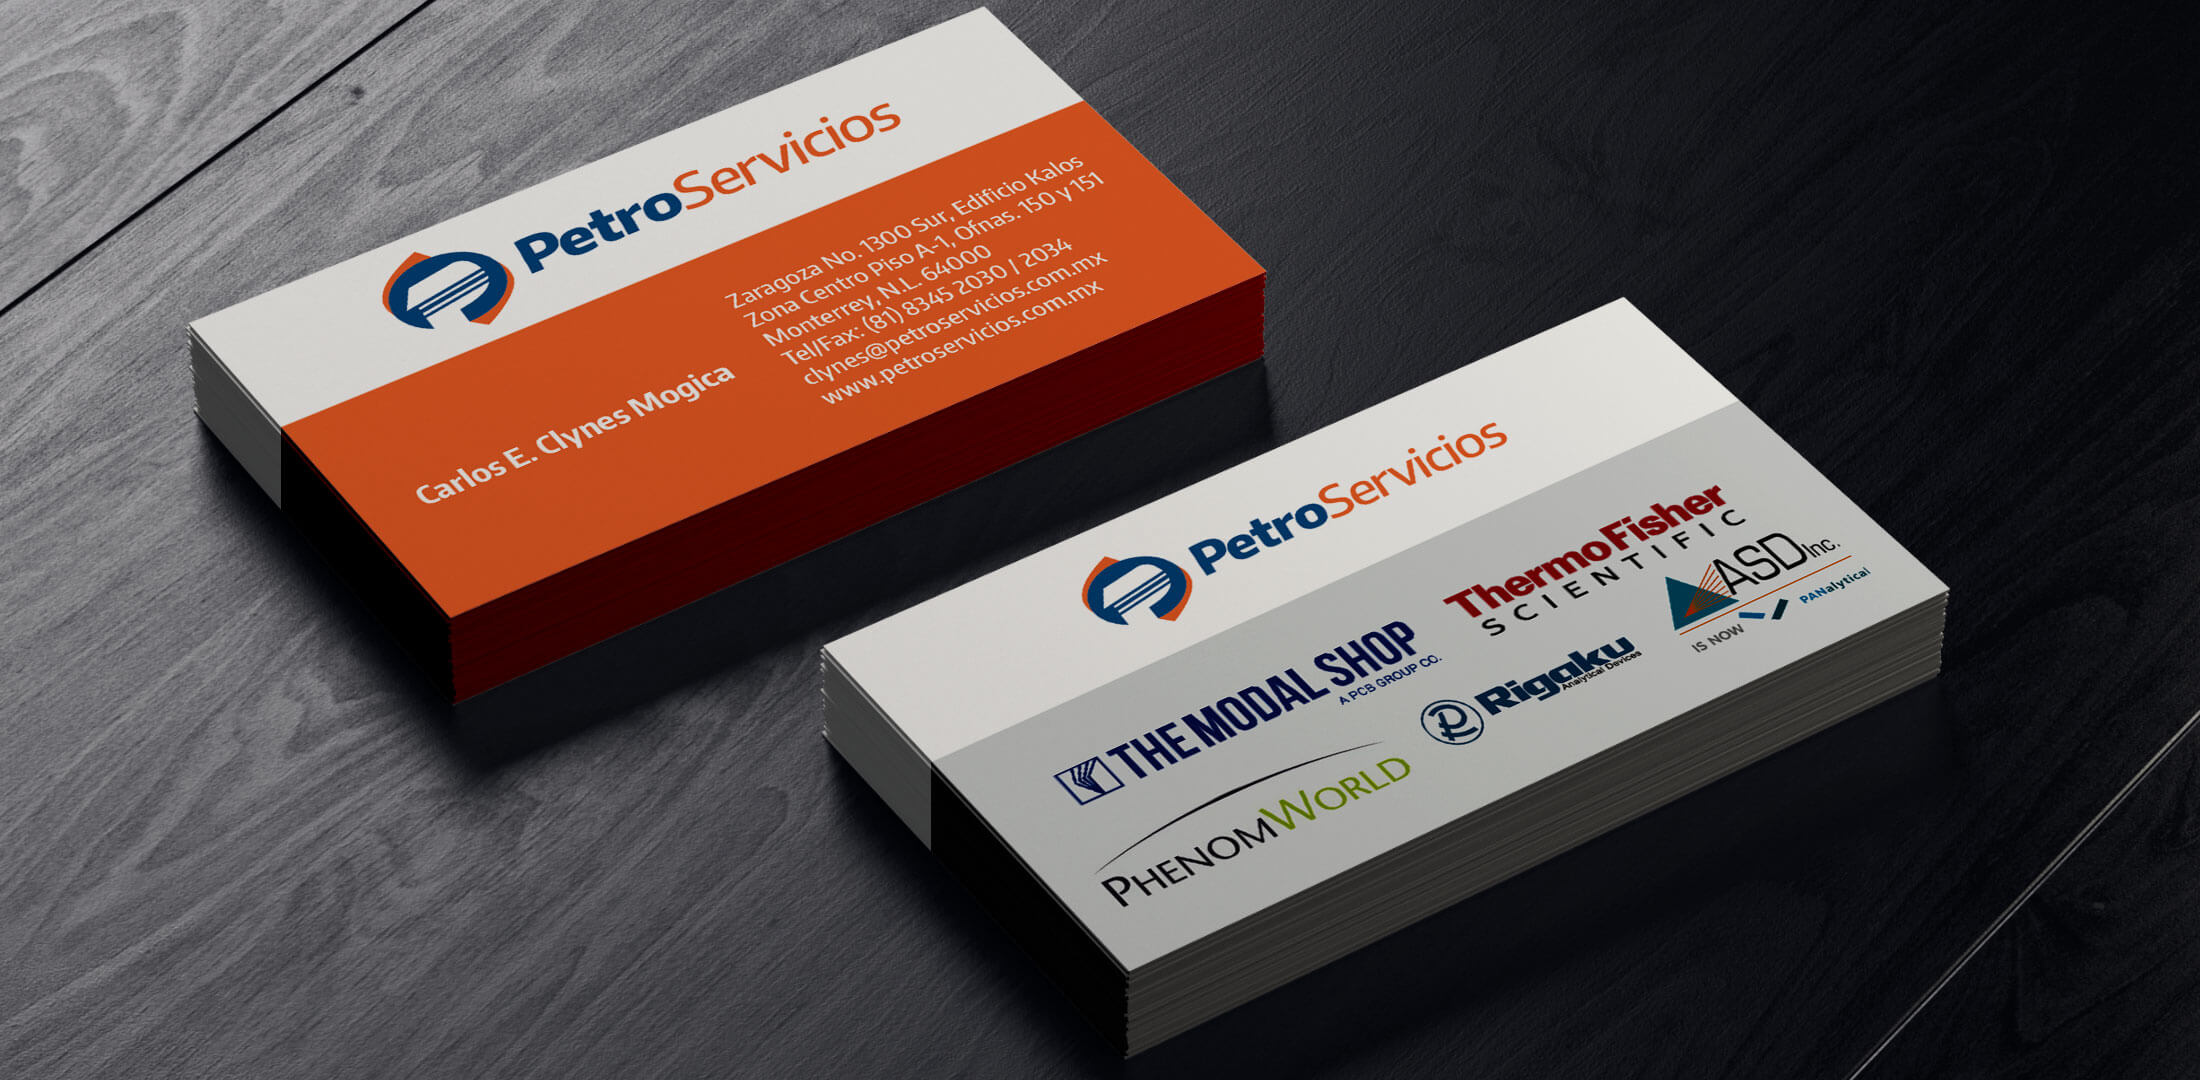 Re-Diseño de Logotipo y diseño de papelería Servicios industriales Petroservicios